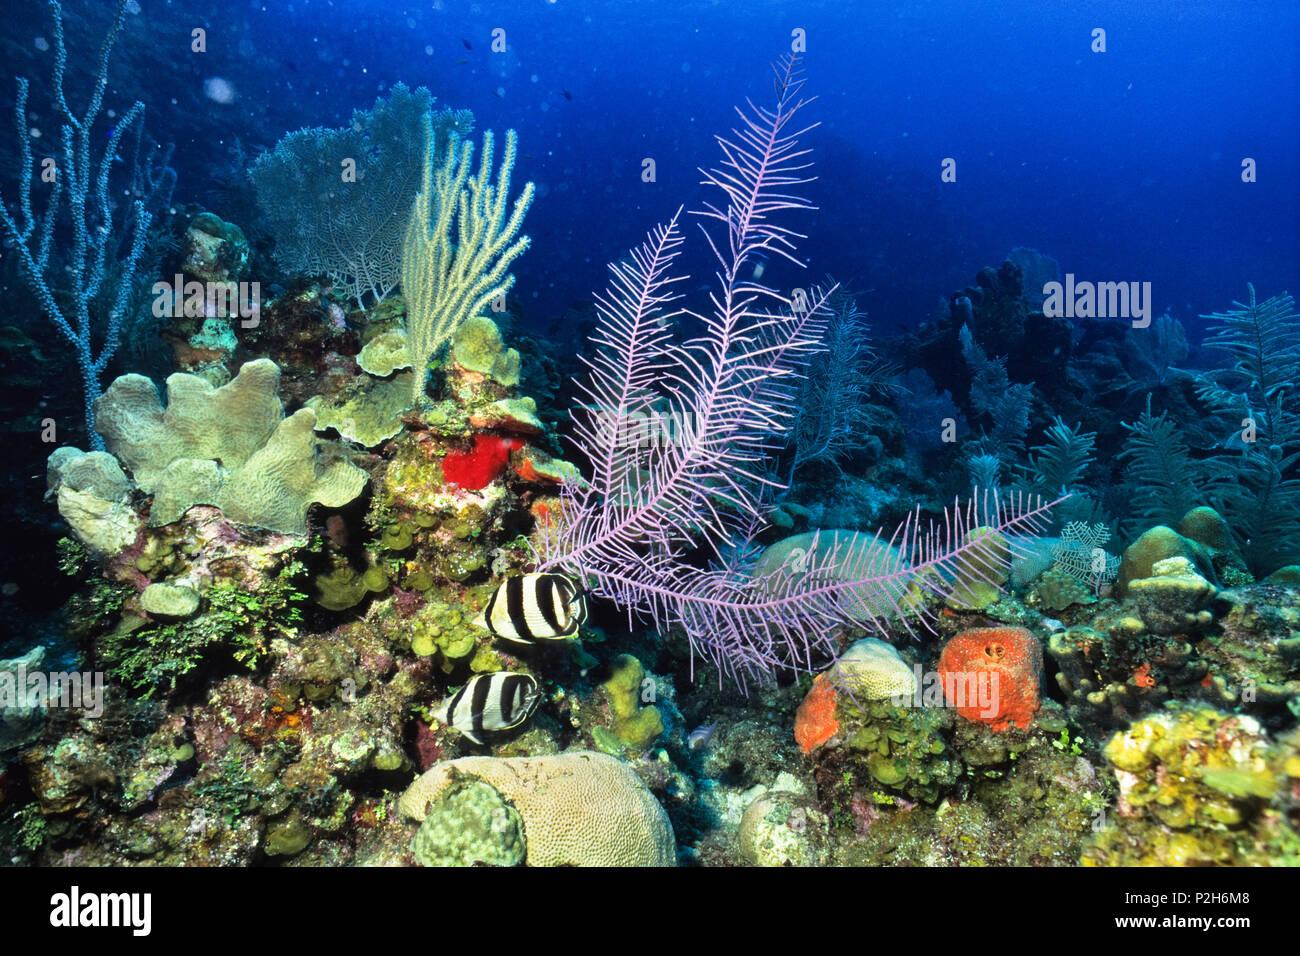 Papillons bagués dans les récifs coralliens, Chaetodon striatus, Honduras, Caraïbes, Amérique du Sud Photo Stock